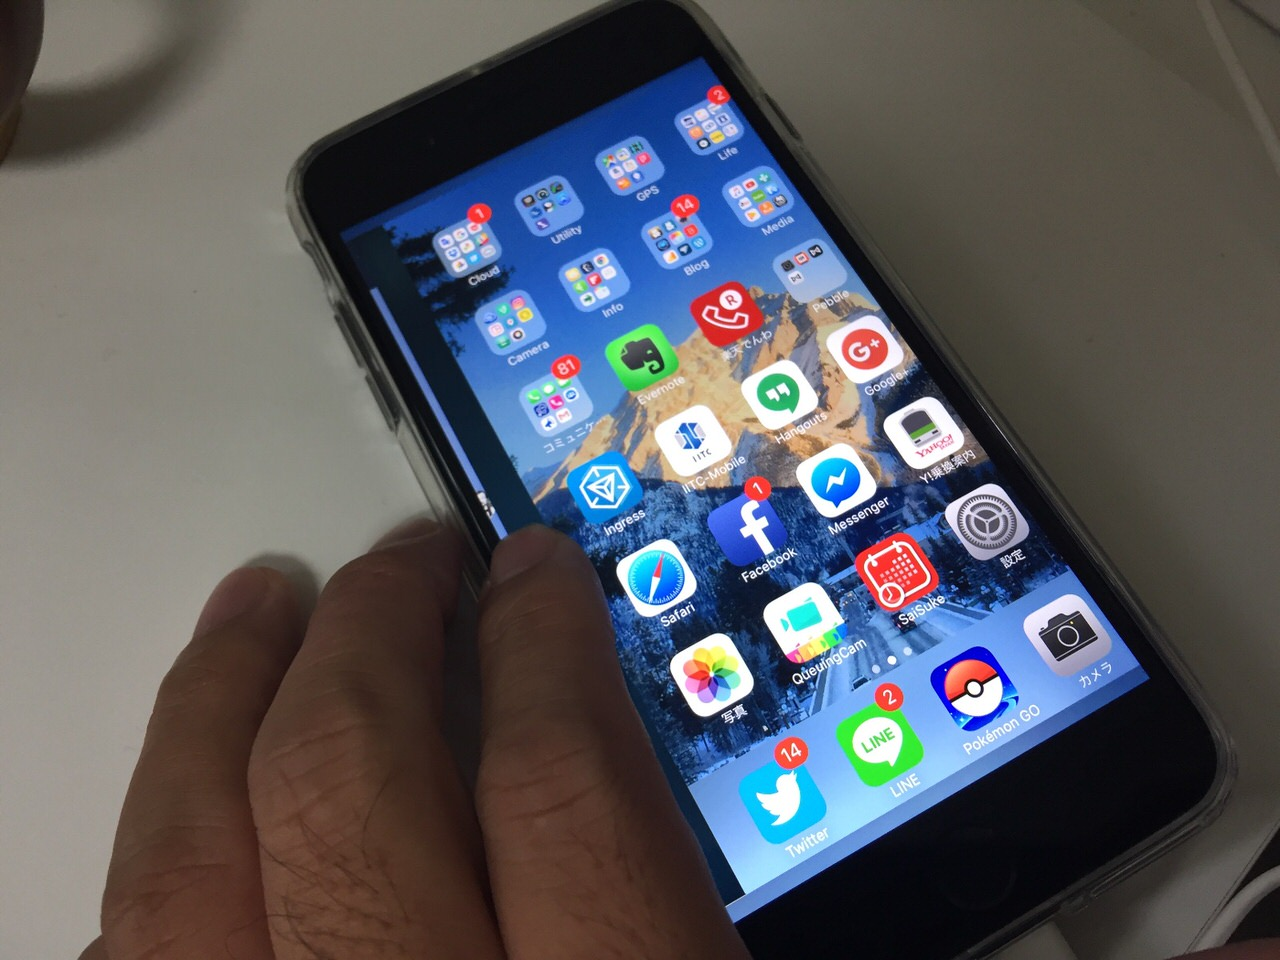 ホームボタンの2回押しではなく「3D Touch(3Dタッチ)」でアプリを切り替える方法